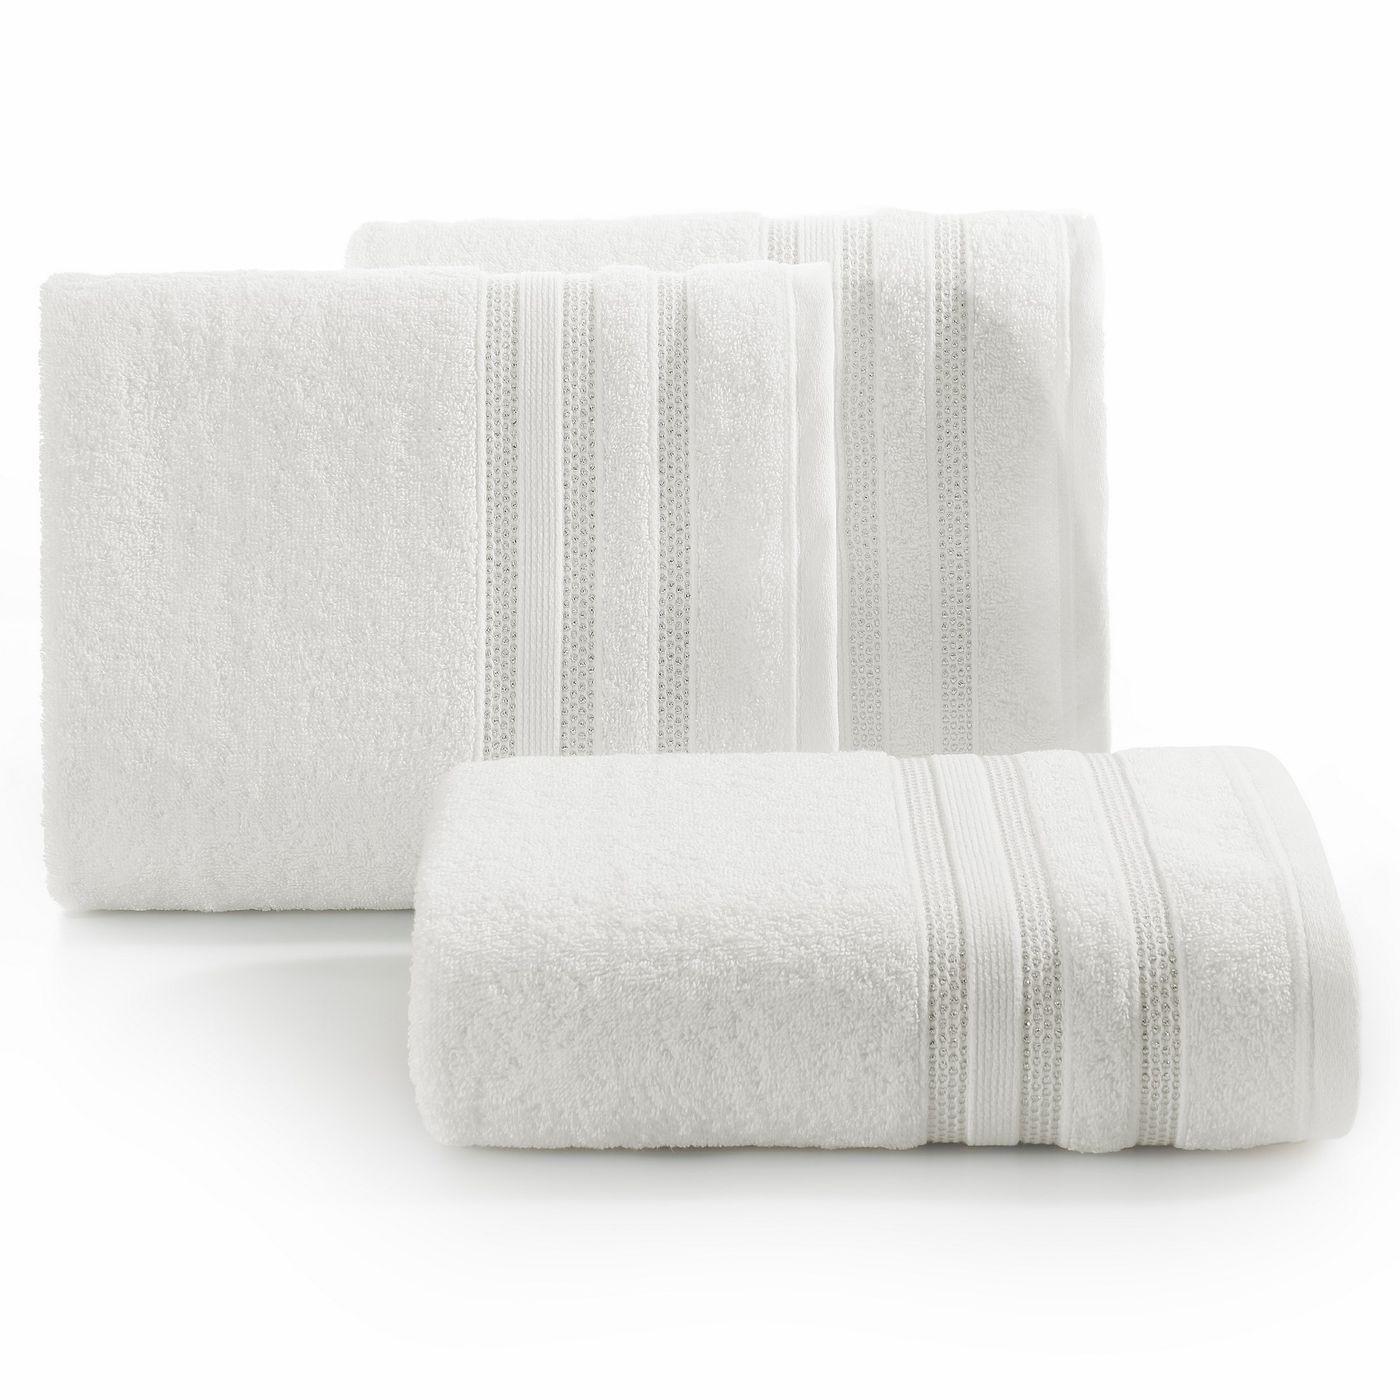 Ręcznik z bawełny zdobiony błyszczącą nitką 70x140cm kremowy